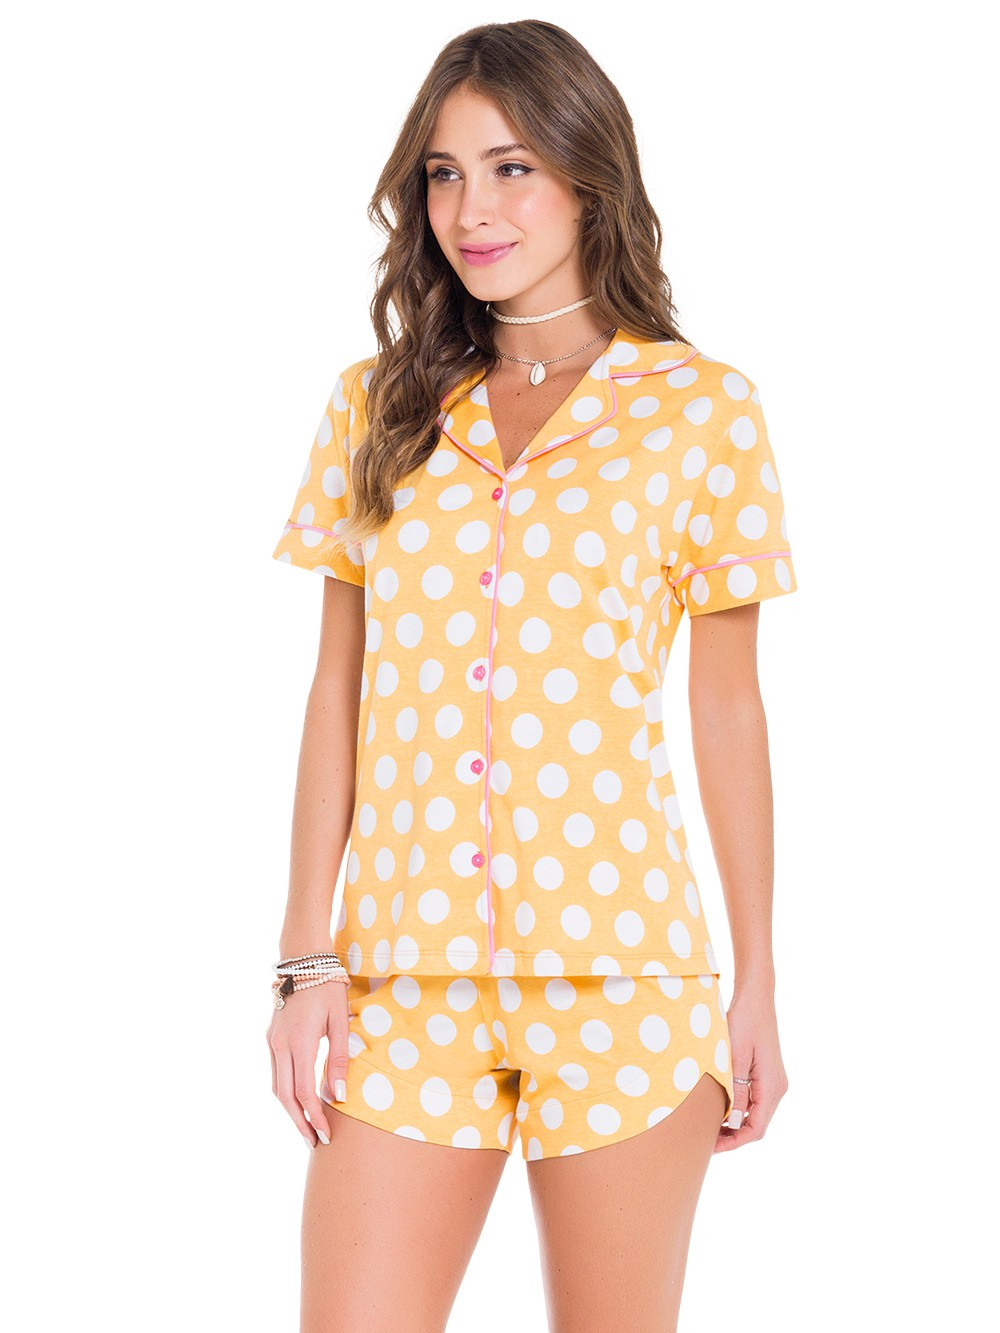 Pijama curto de calor ivete sangalo verão botões abertos